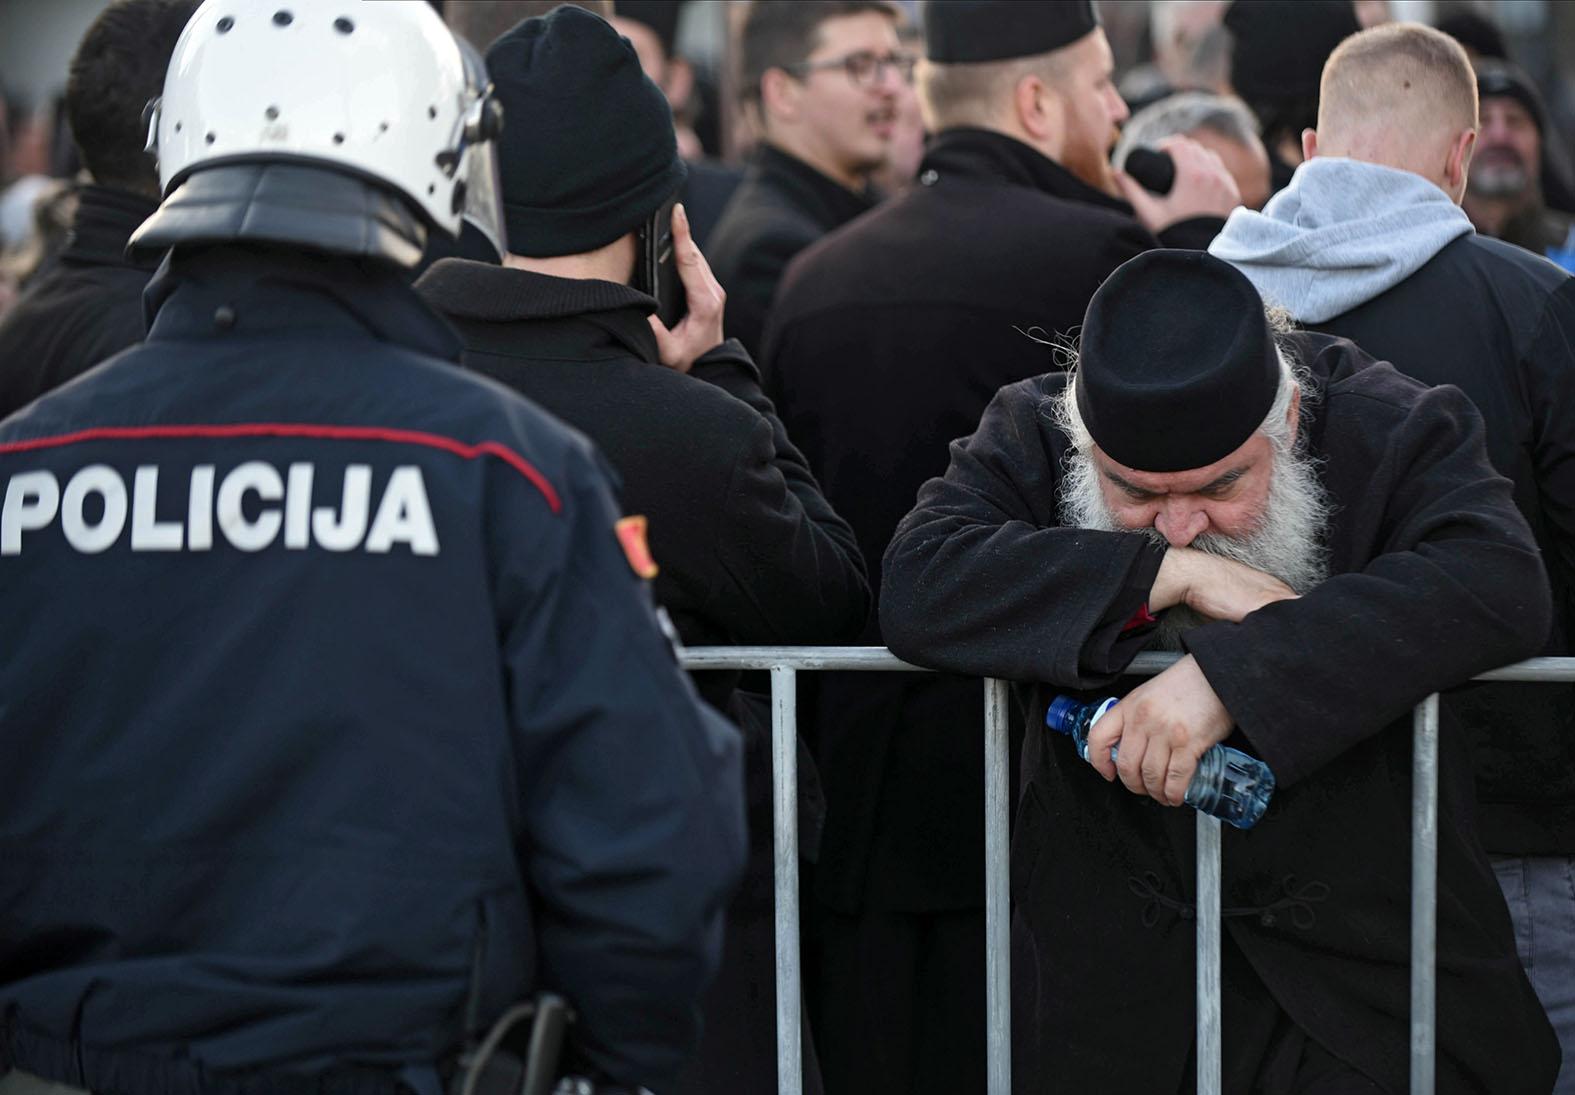 Арест митрополита и чествование нацистов: Запад не спешит закрывать ящик Адольфа на Балканах